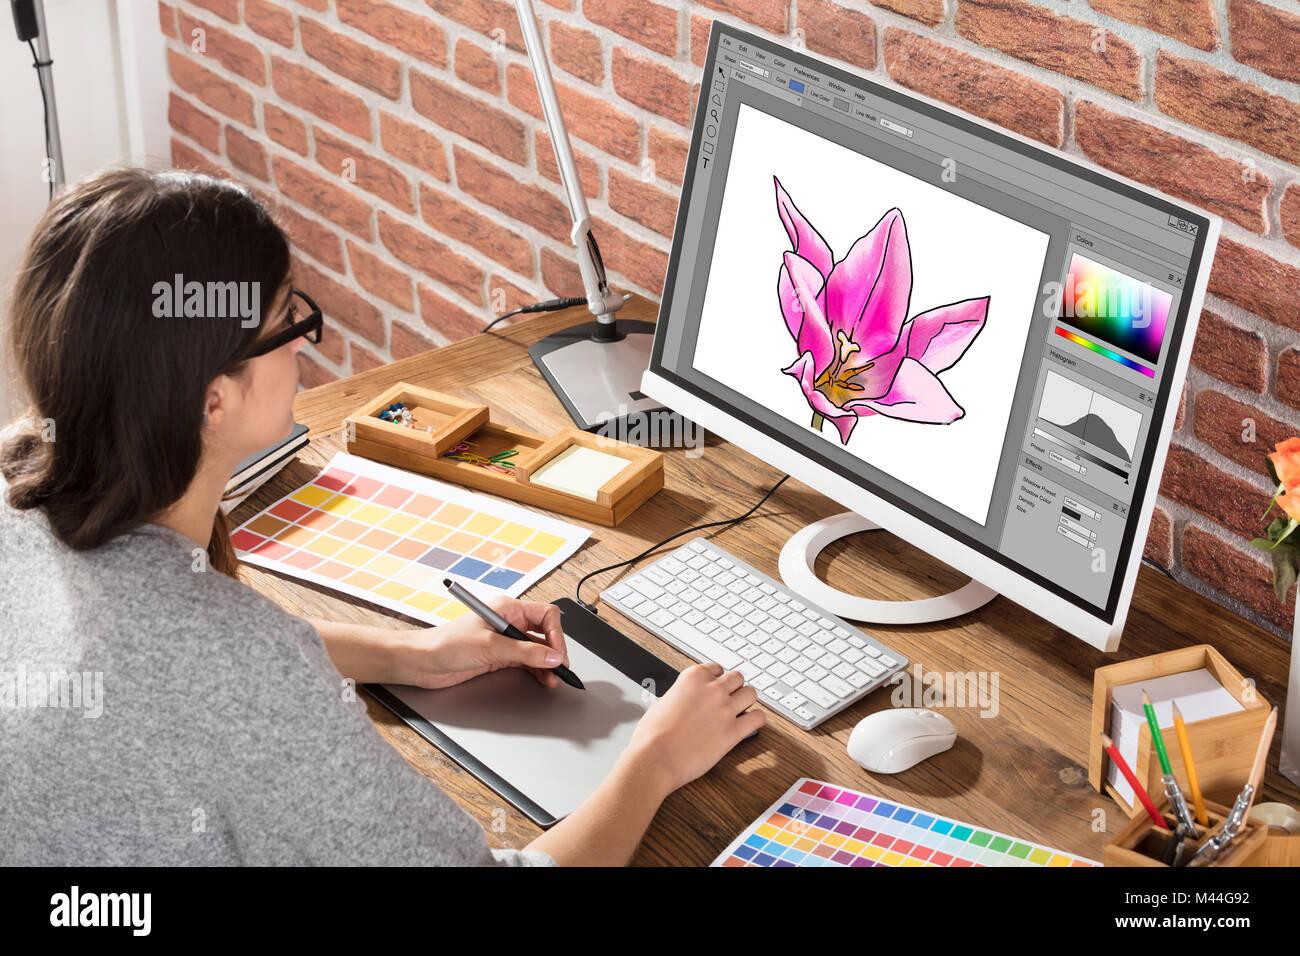 Un alto ángulo de vista de diseñador femenina flor de dibujo en un equipo con tableta gráfica en Imagen De Stock